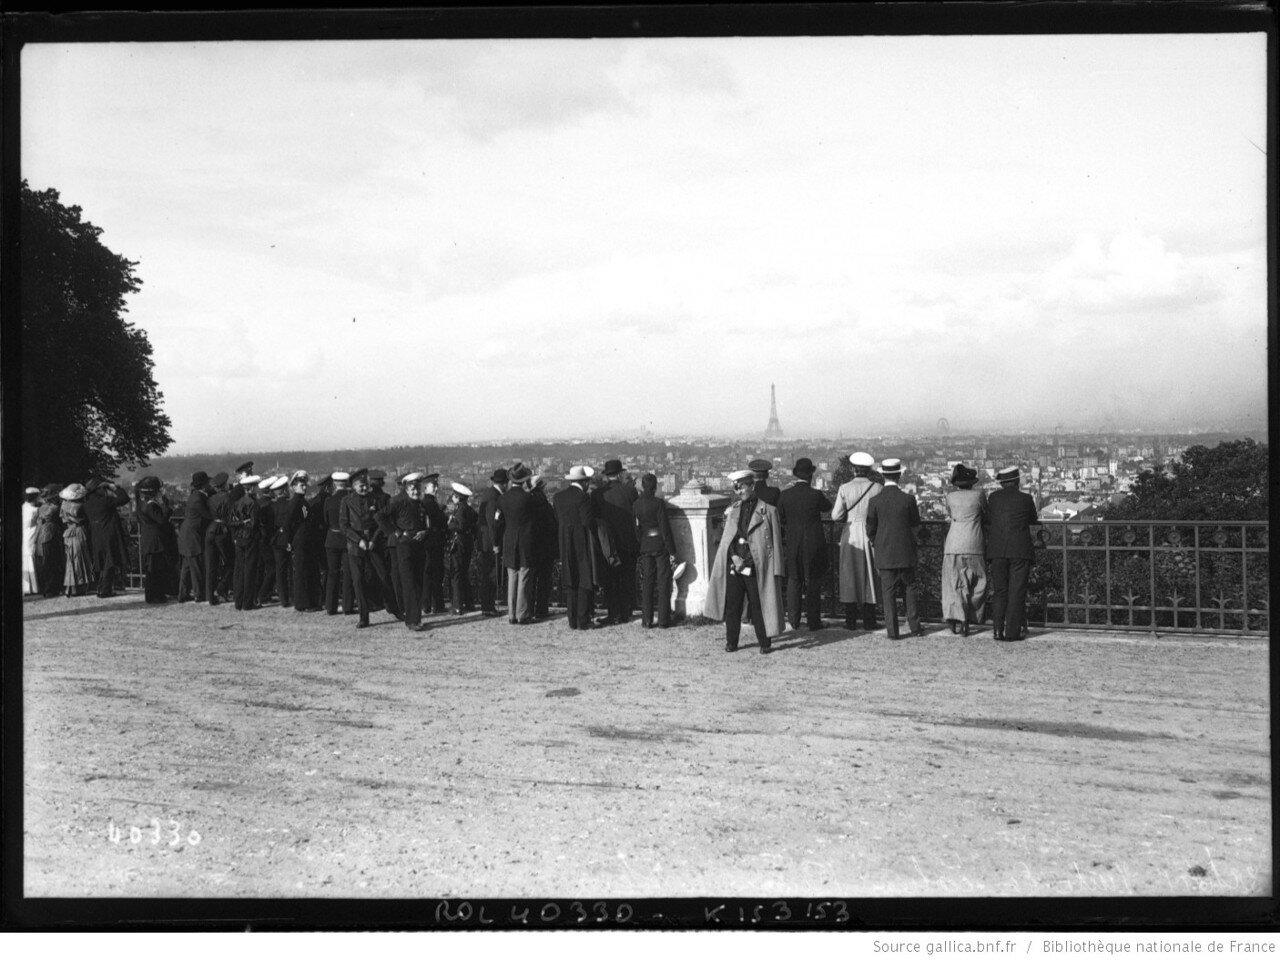 1914. 22 июня. Визит российских школьников в Севр. Группа школьников смотрит на панораму Парижа